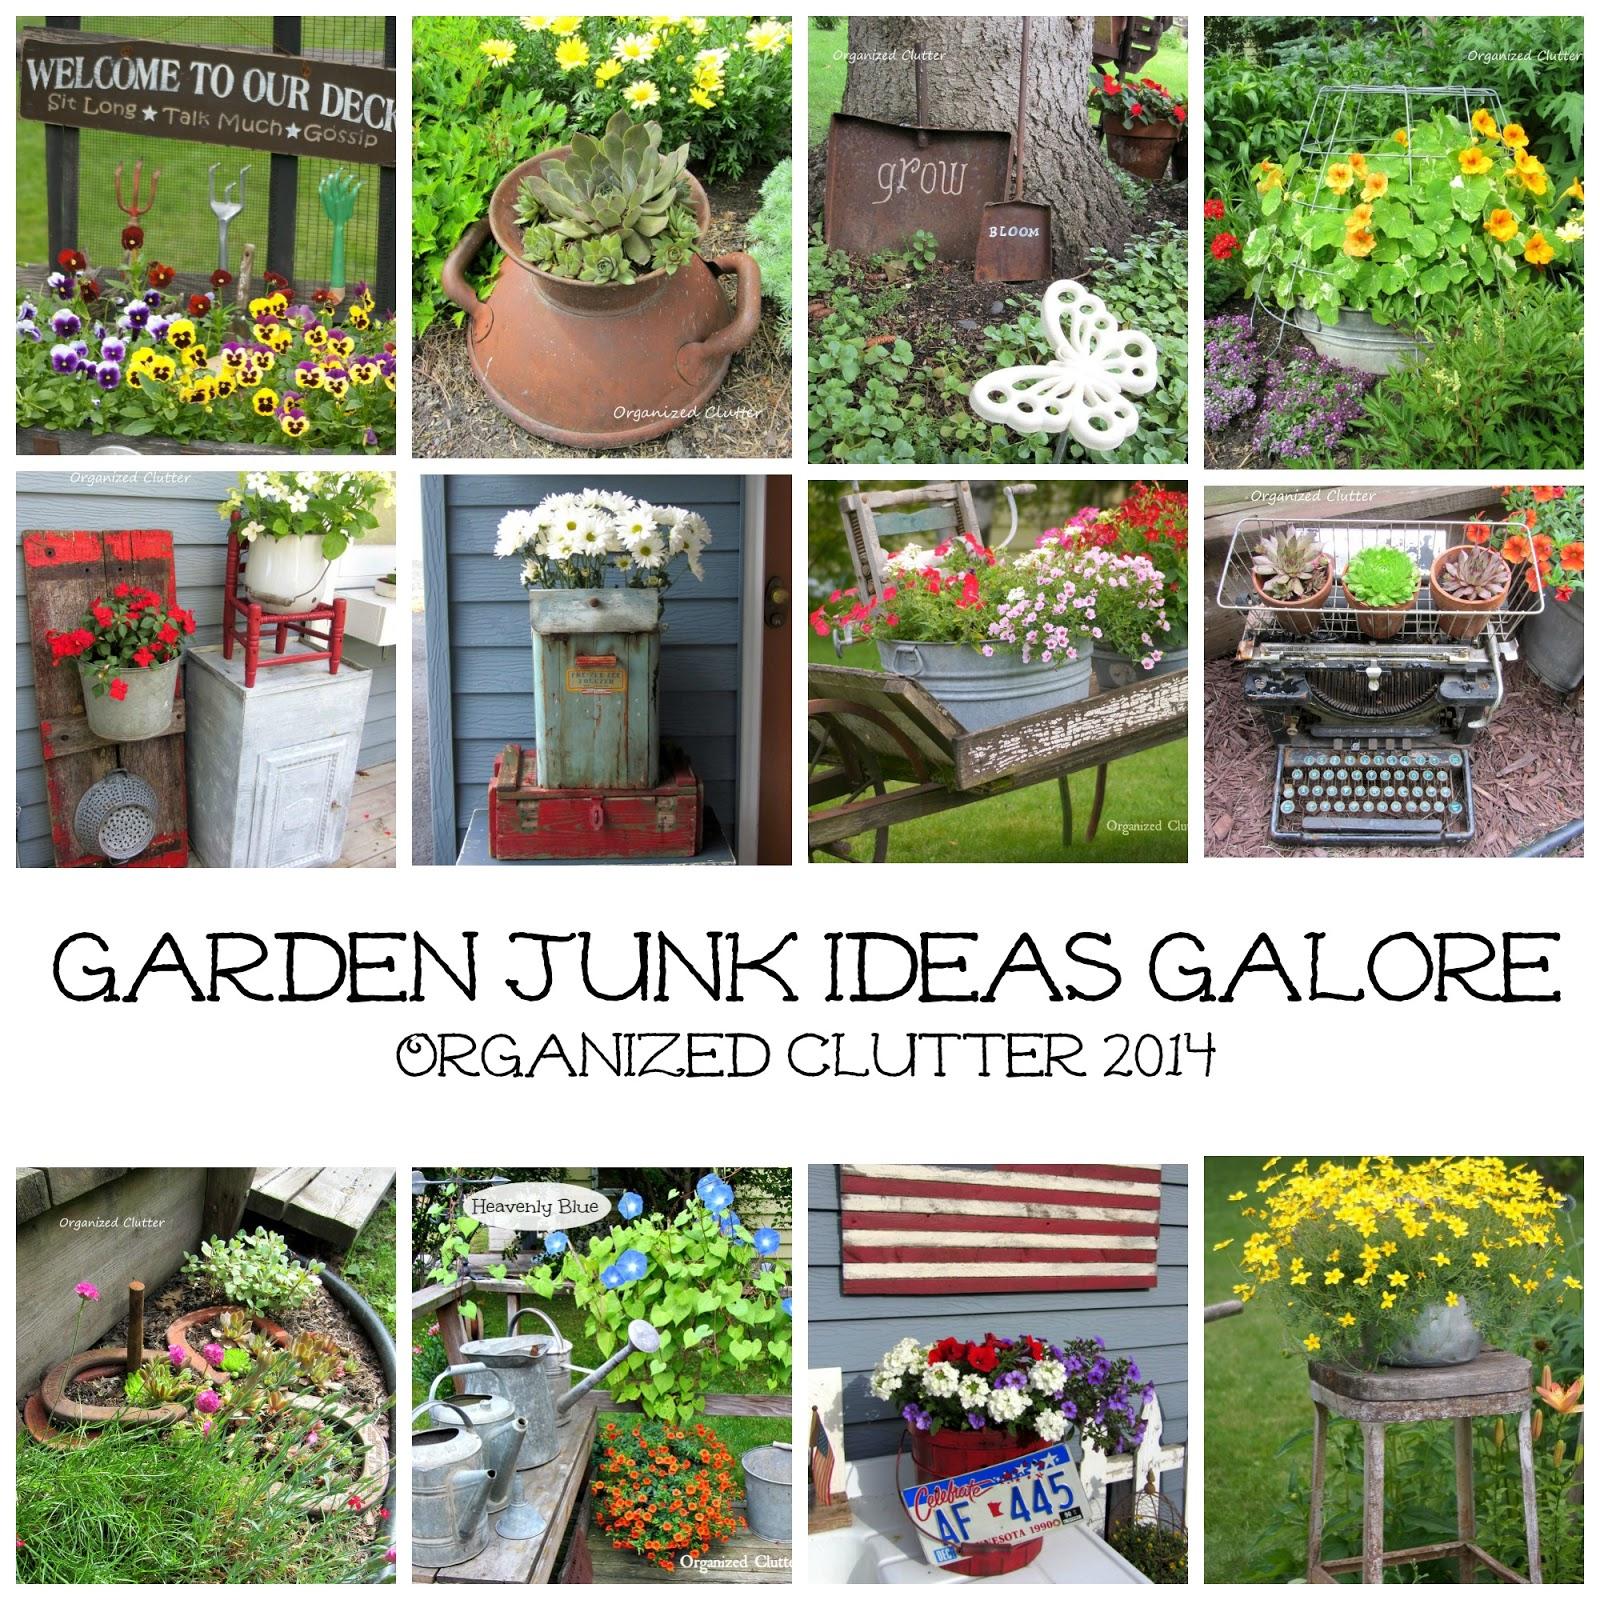 Garden Ideas 2014